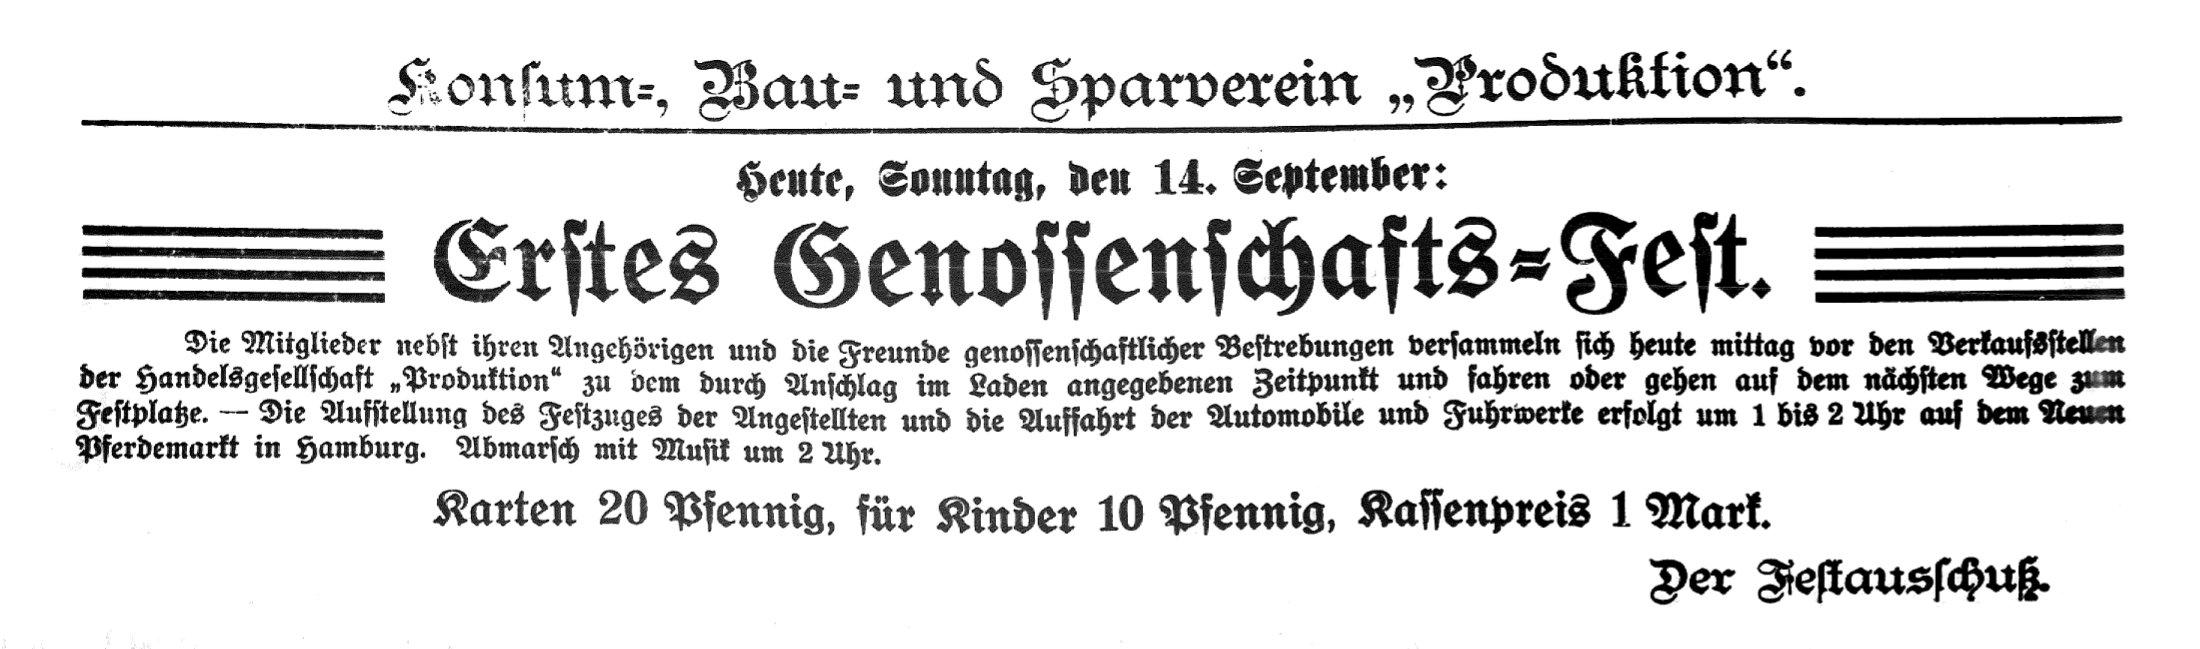 Anzeige Genossenschaftsfest 14.9.1913